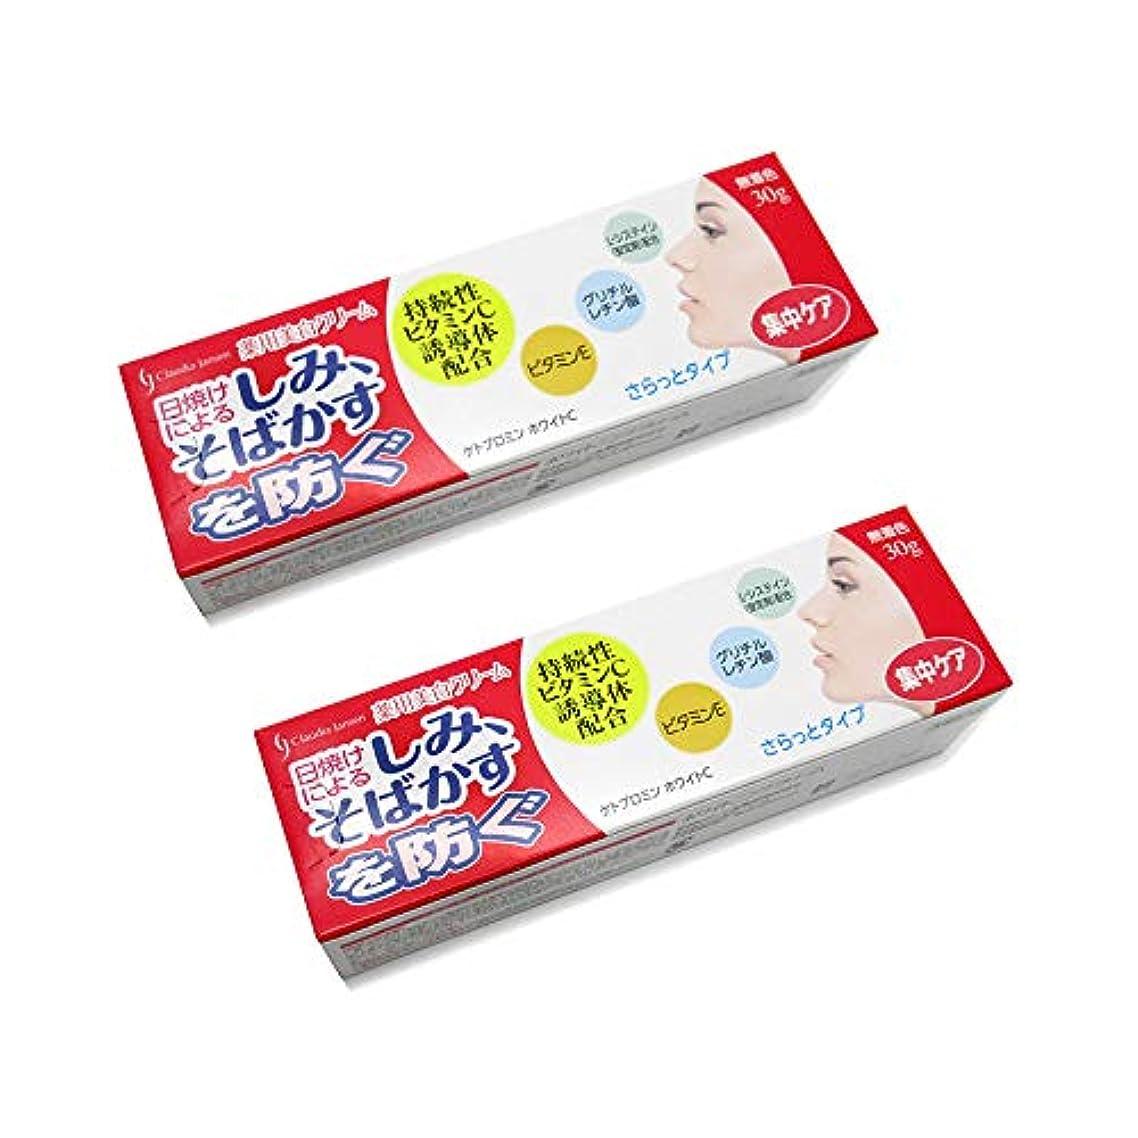 原子一時解雇する免除する薬用ホワイトニングクリームC 30g 2個セット 美白クリーム 薬用 美白クリーム 美白ケア 医薬部外品